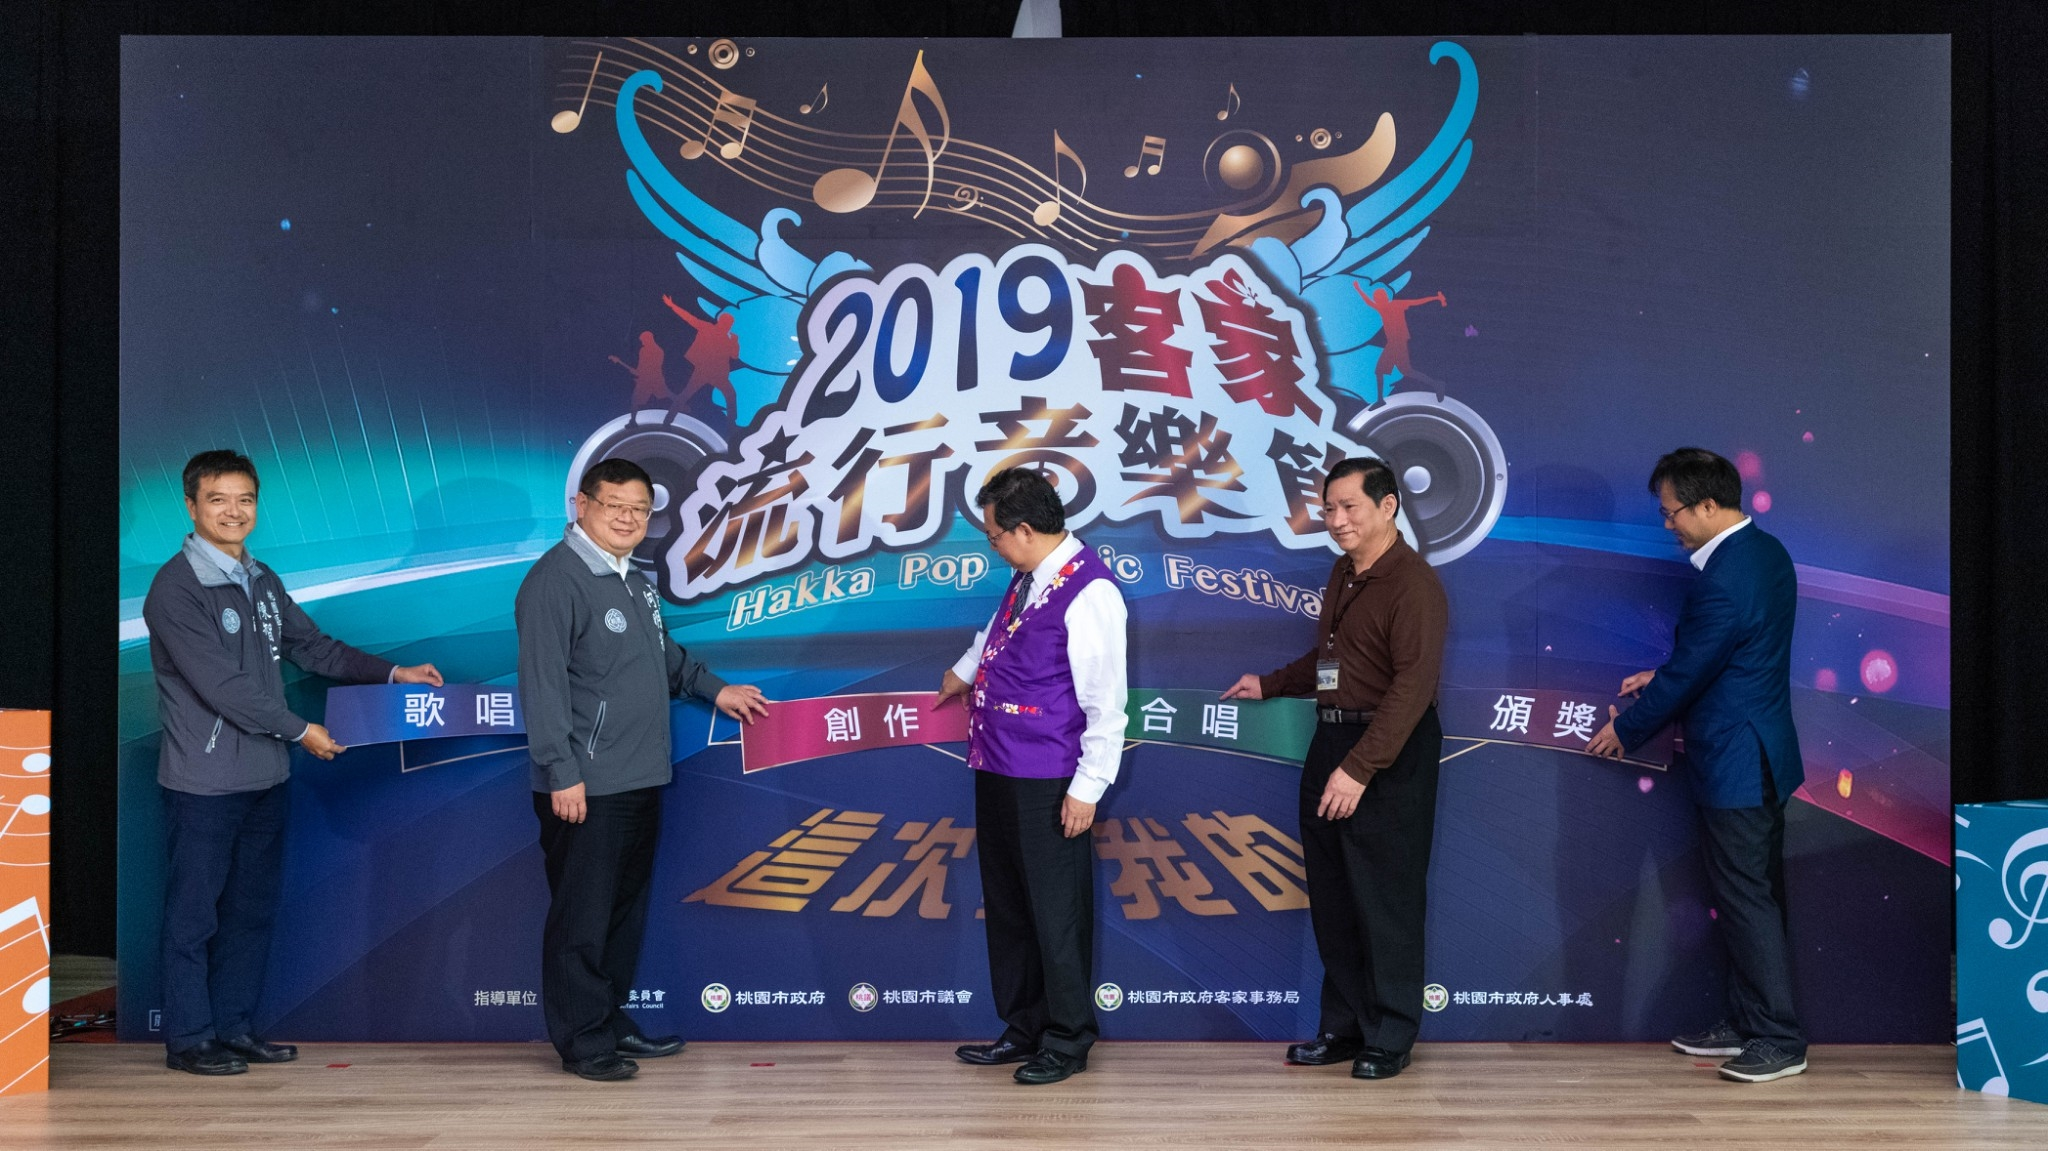 2019客家流行音樂節啟動儀式